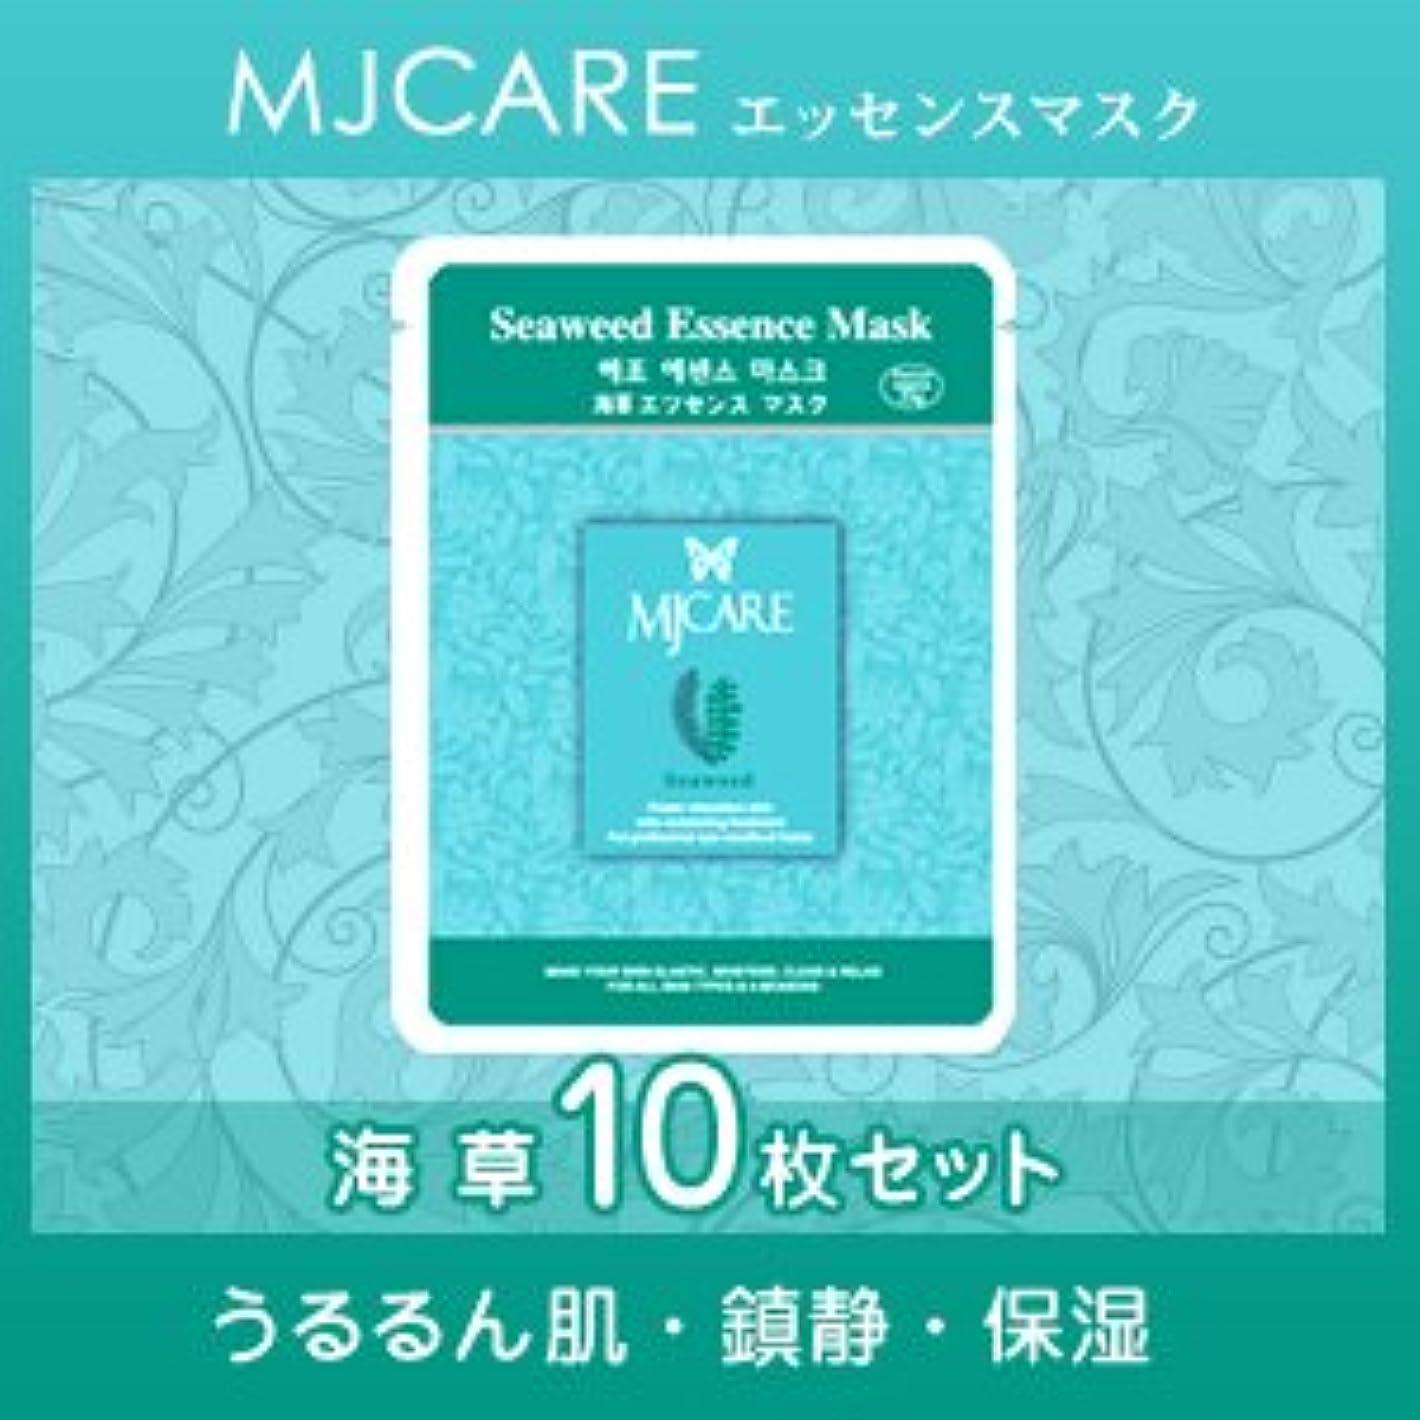 アイザック胚芽オプションMJCARE (エムジェイケア) 海草 エッセンスマスク 10セット